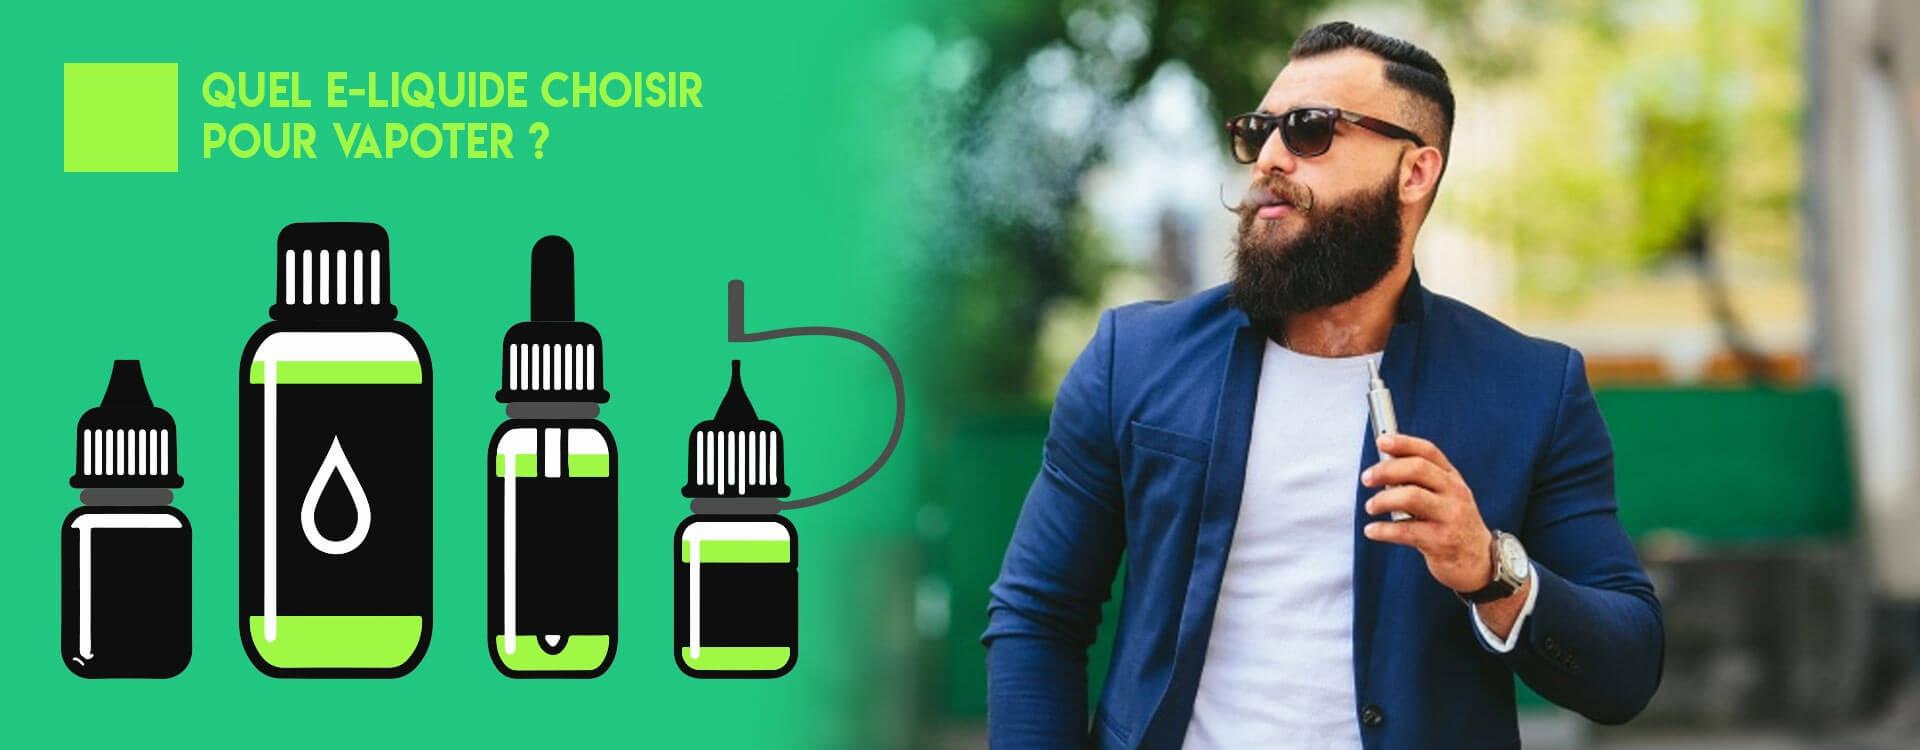 Ecig o bec : existe-t-il des e-cigarettes sans nicotine ?